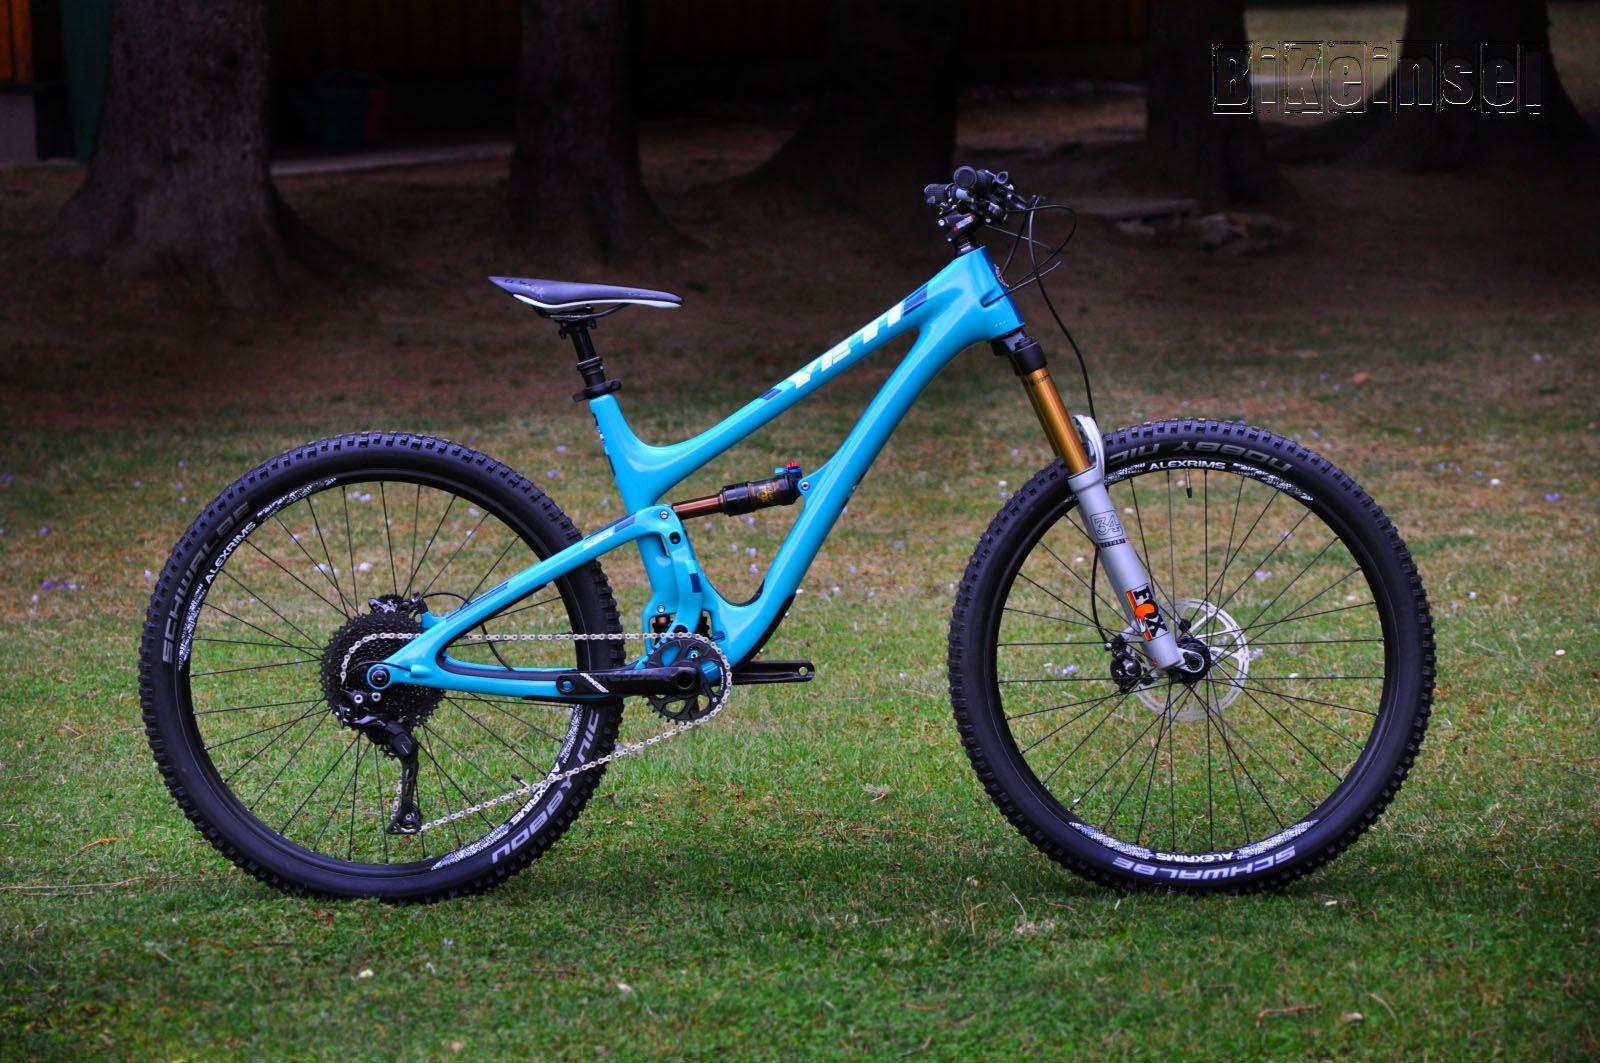 Yeti Sb5 Turq Carbon Switchsilver Custom Bike By Www Bikeinsel